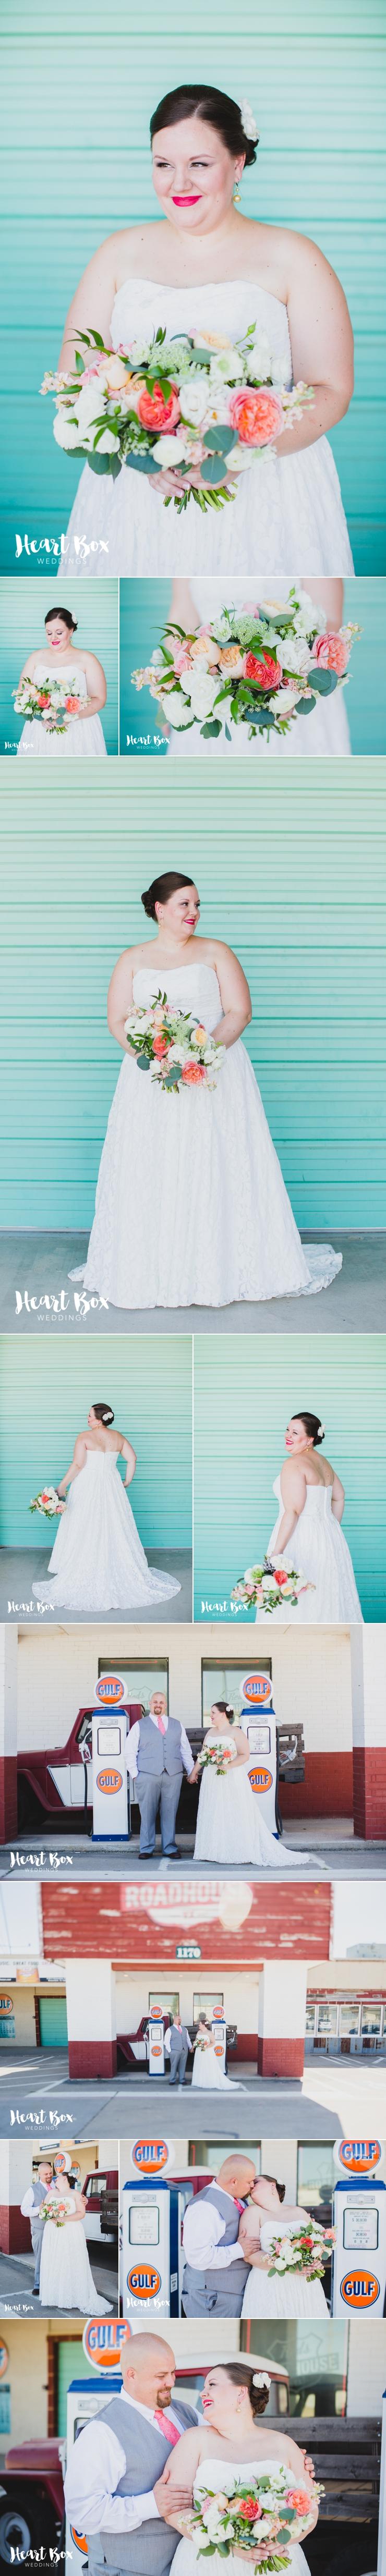 Turner Wedding Blog Collages 6.jpg